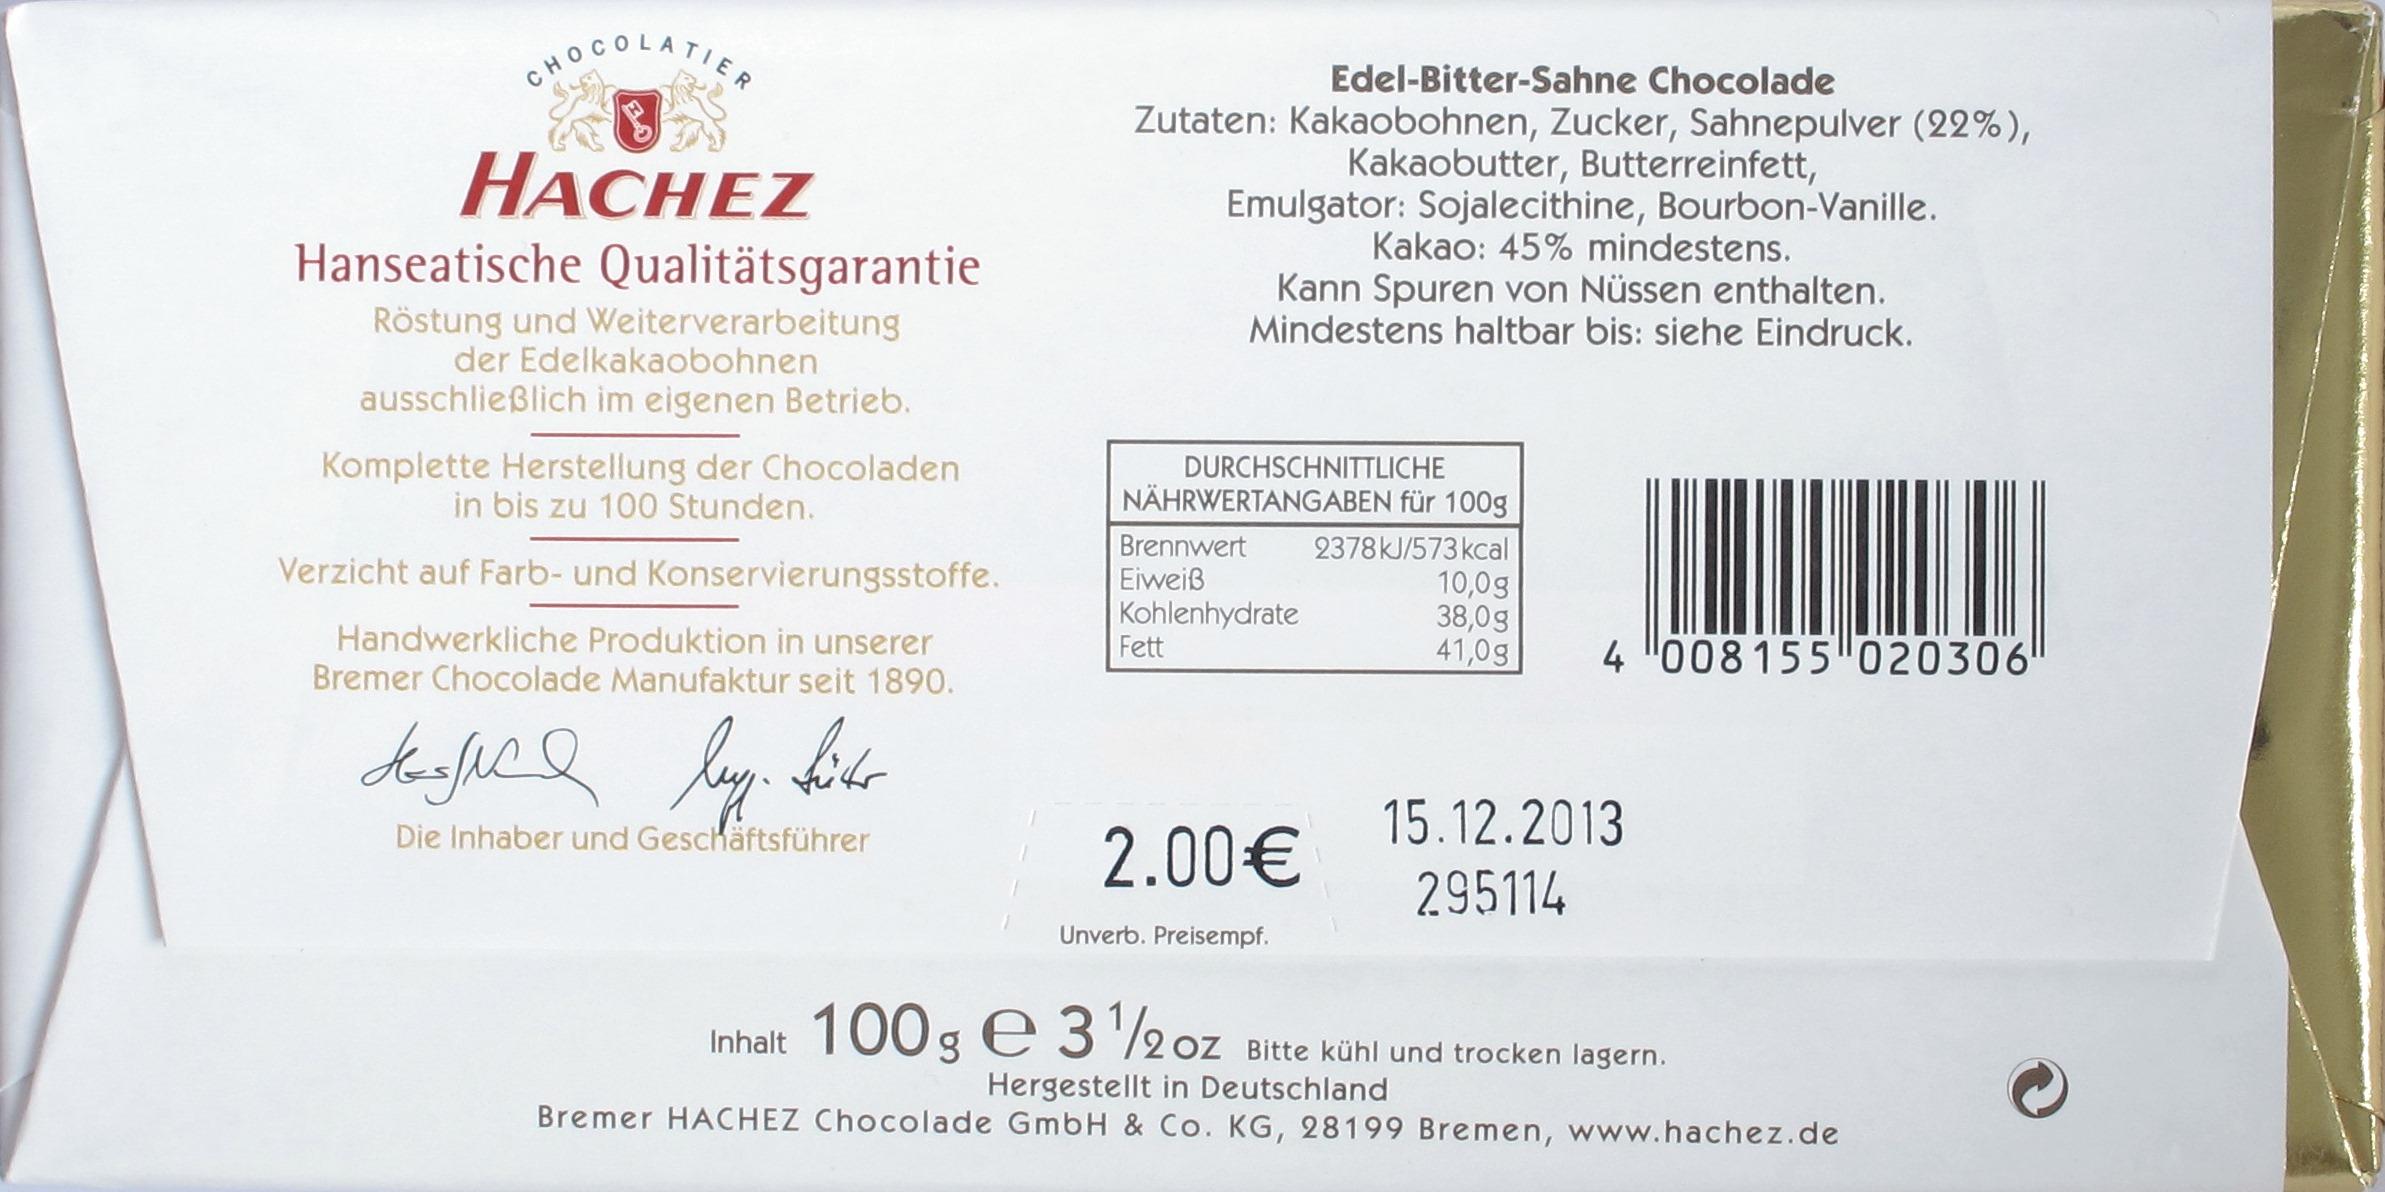 Hachez-Milchschokolade Edel Bitter-Sahne, Zutatenliste